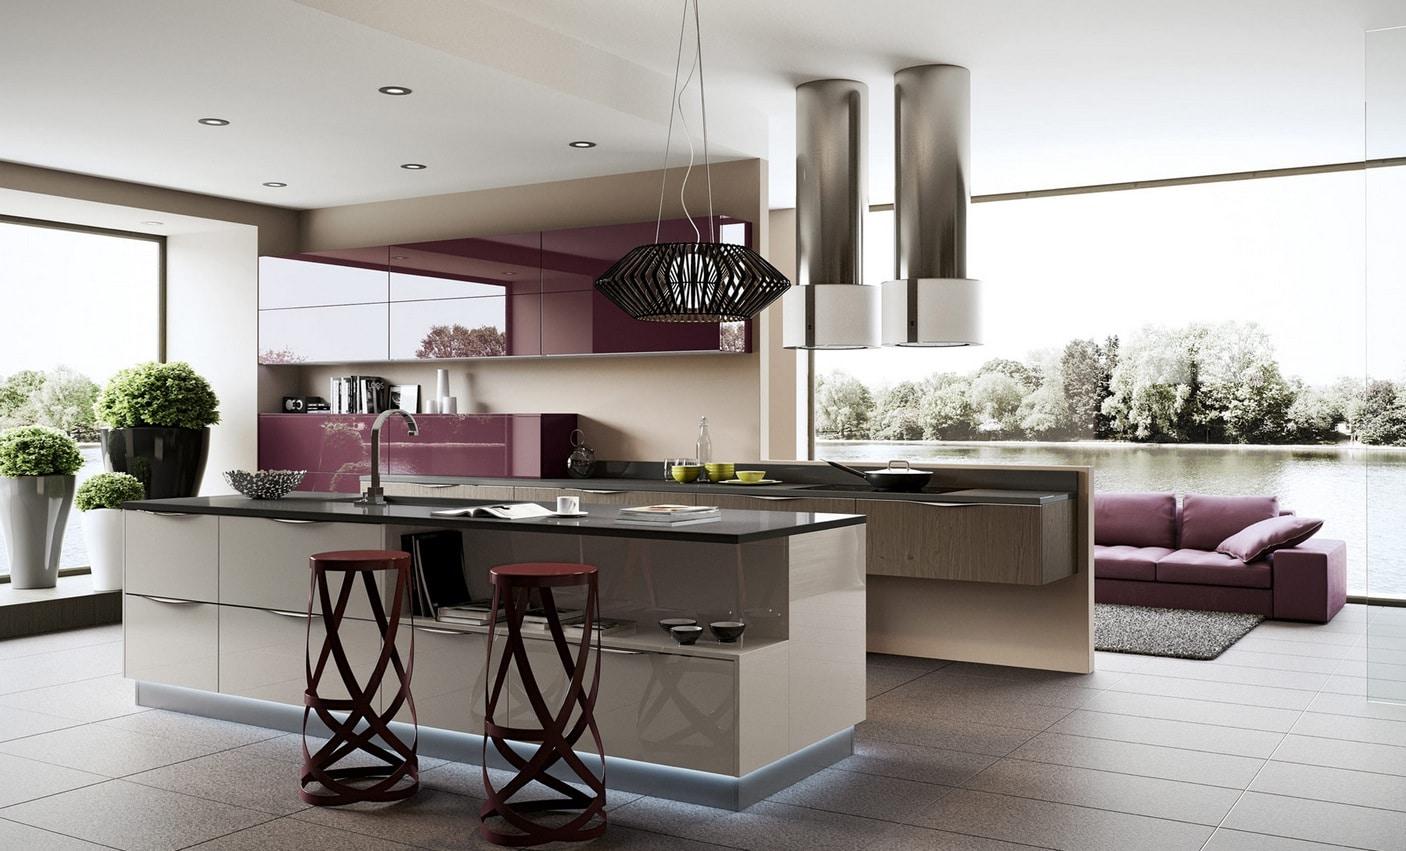 Dise o de cocinas modernas al estilo arte pop construye for Estilos de cocinas